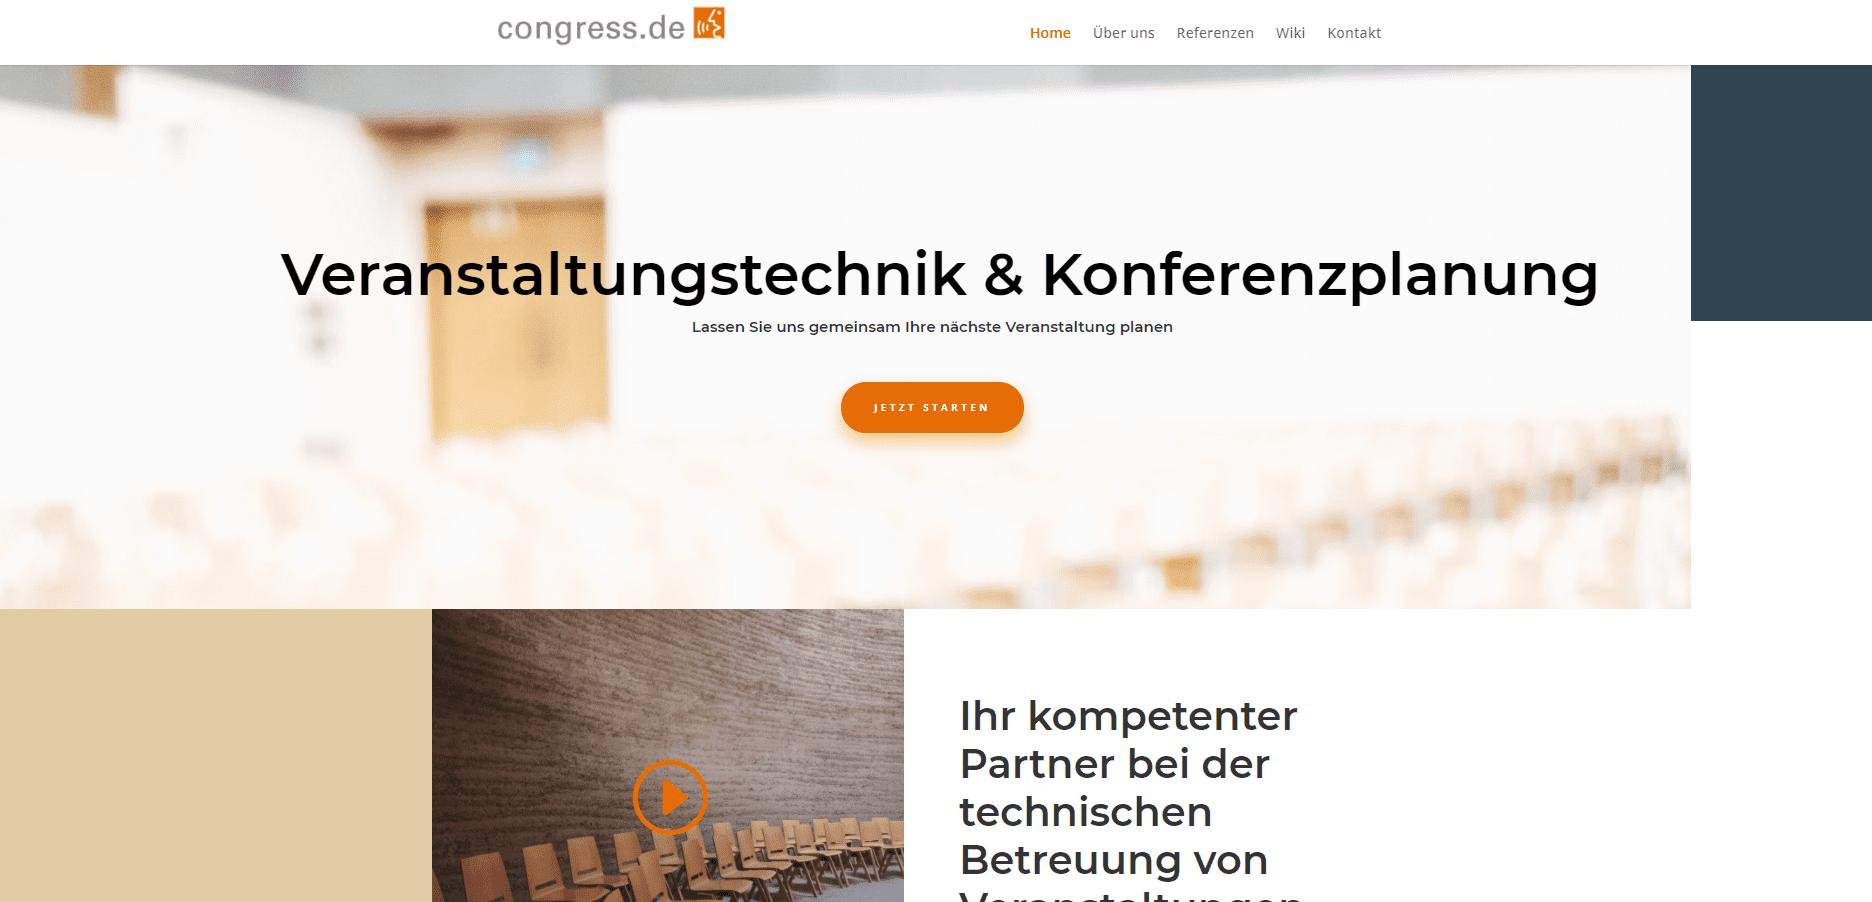 Pagestarter Websiteerstellung Referenz congress